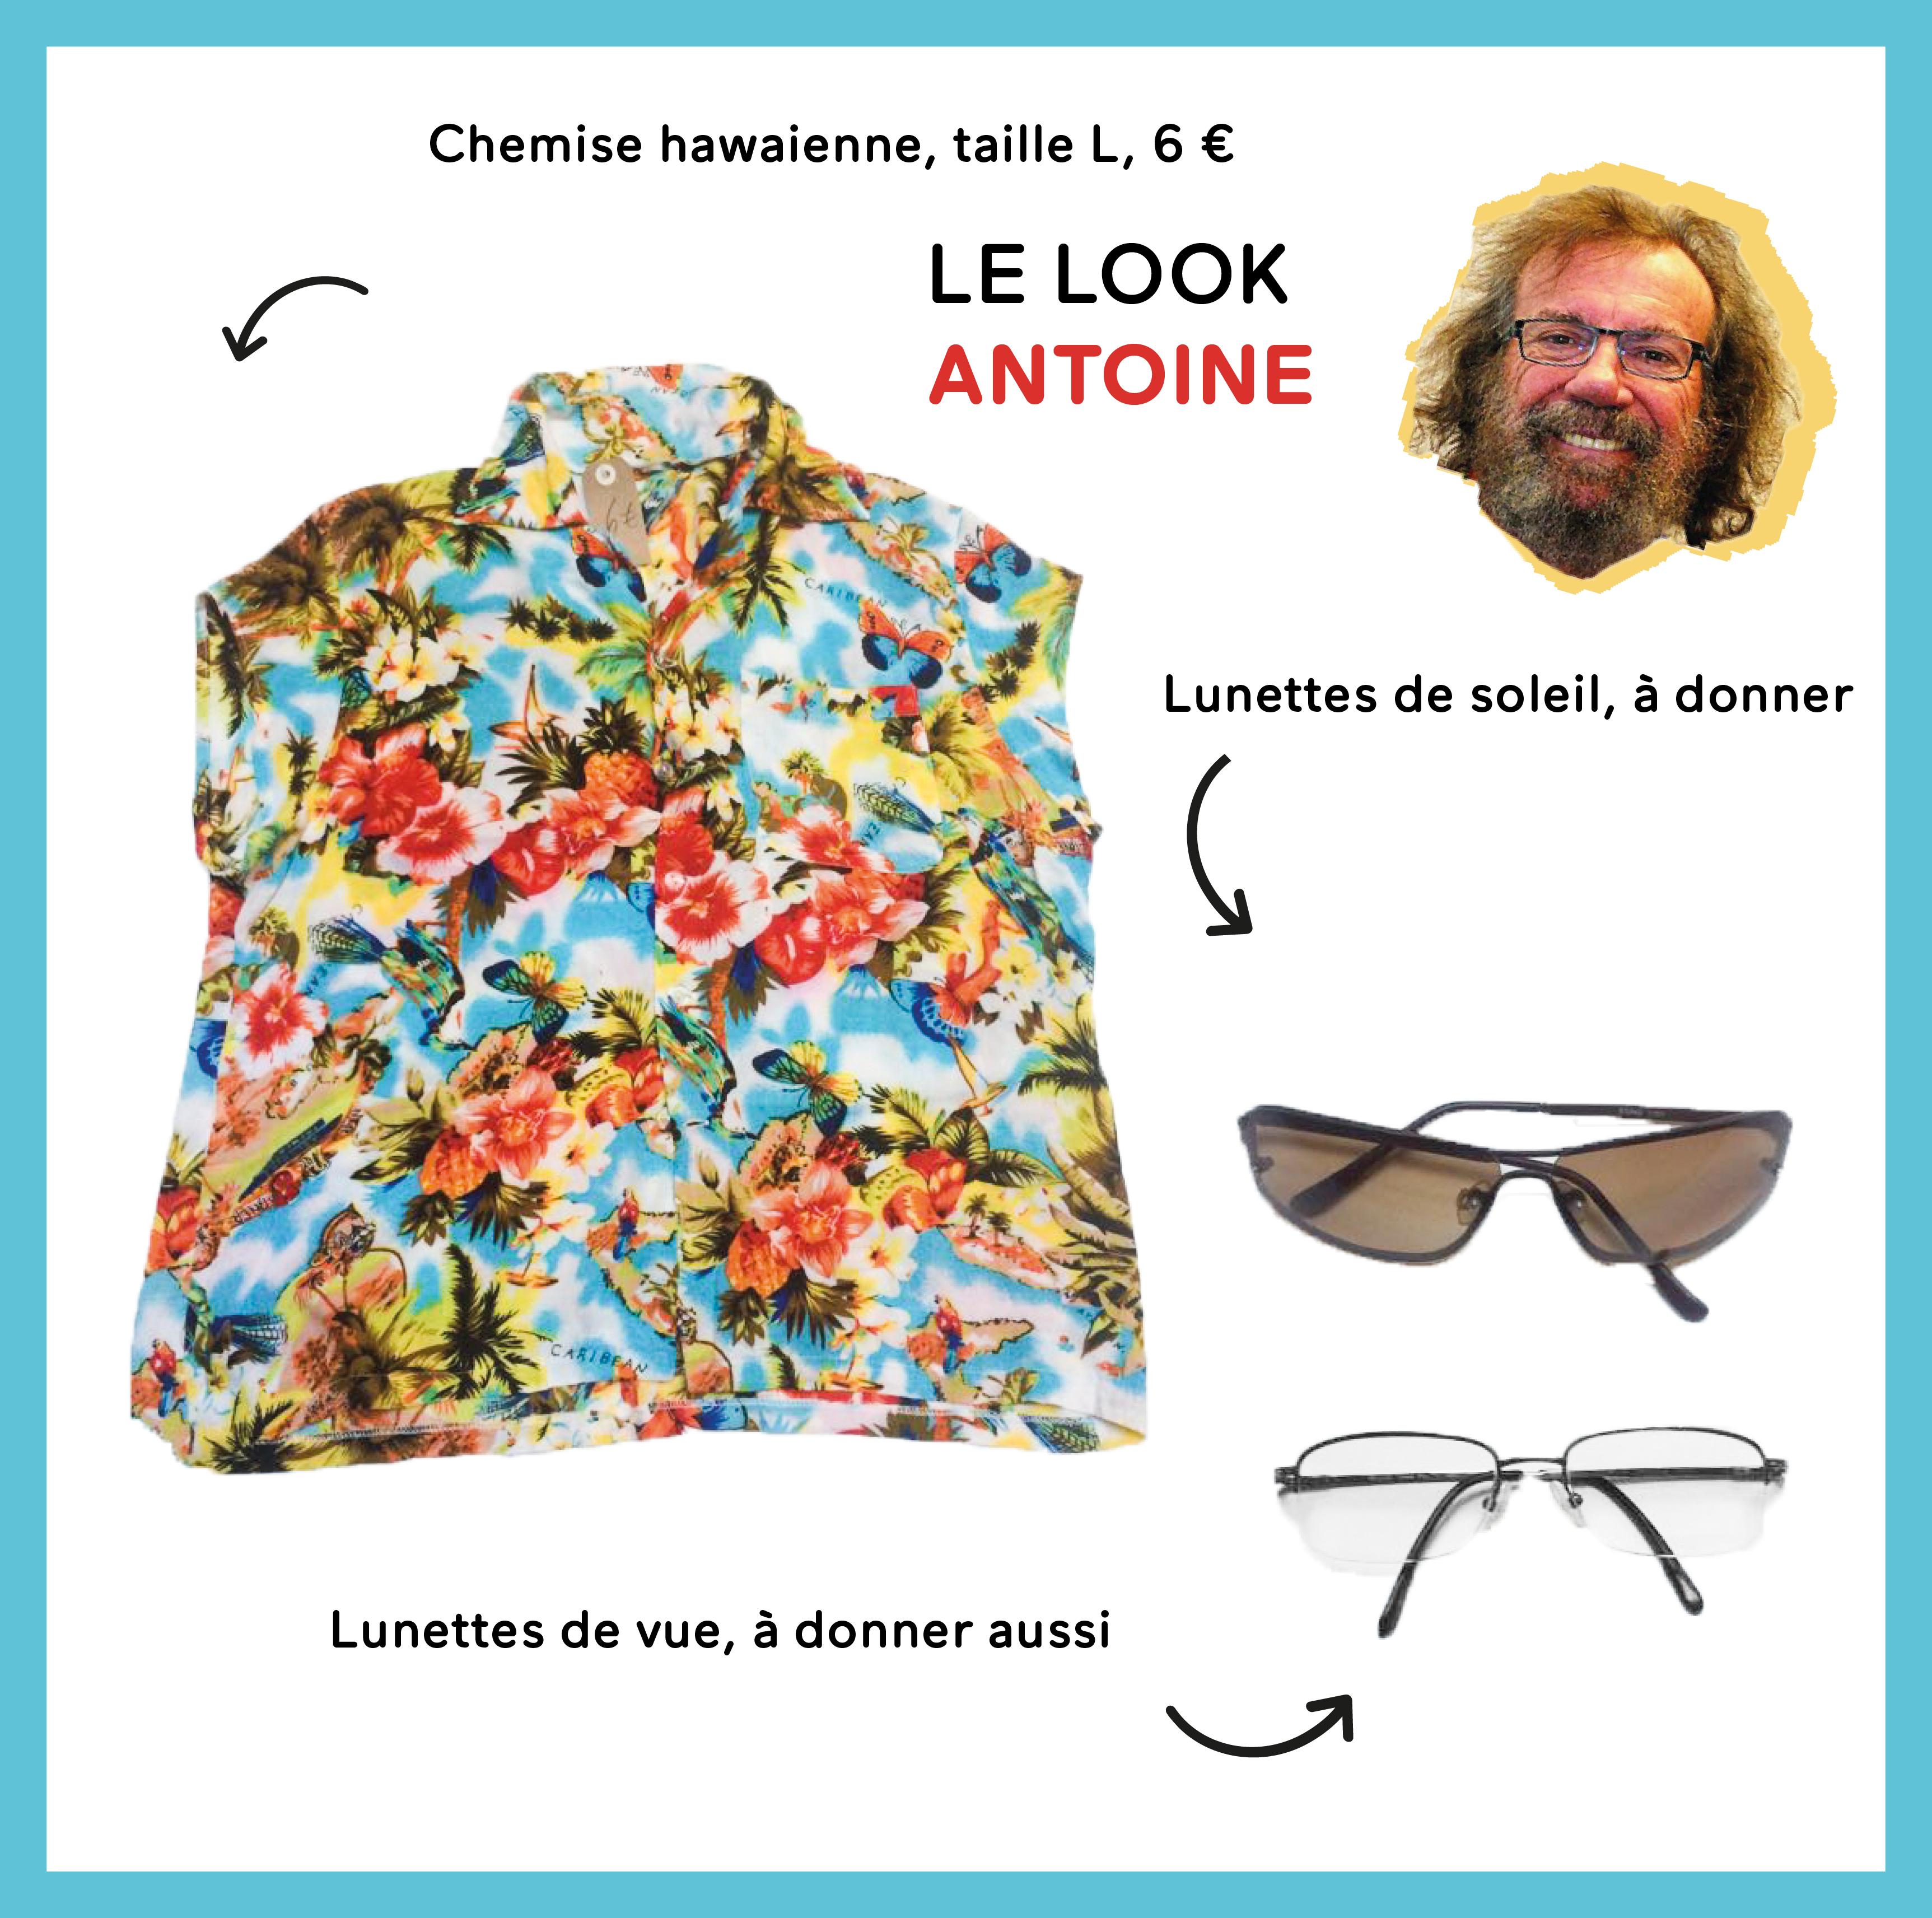 Le look Antoine